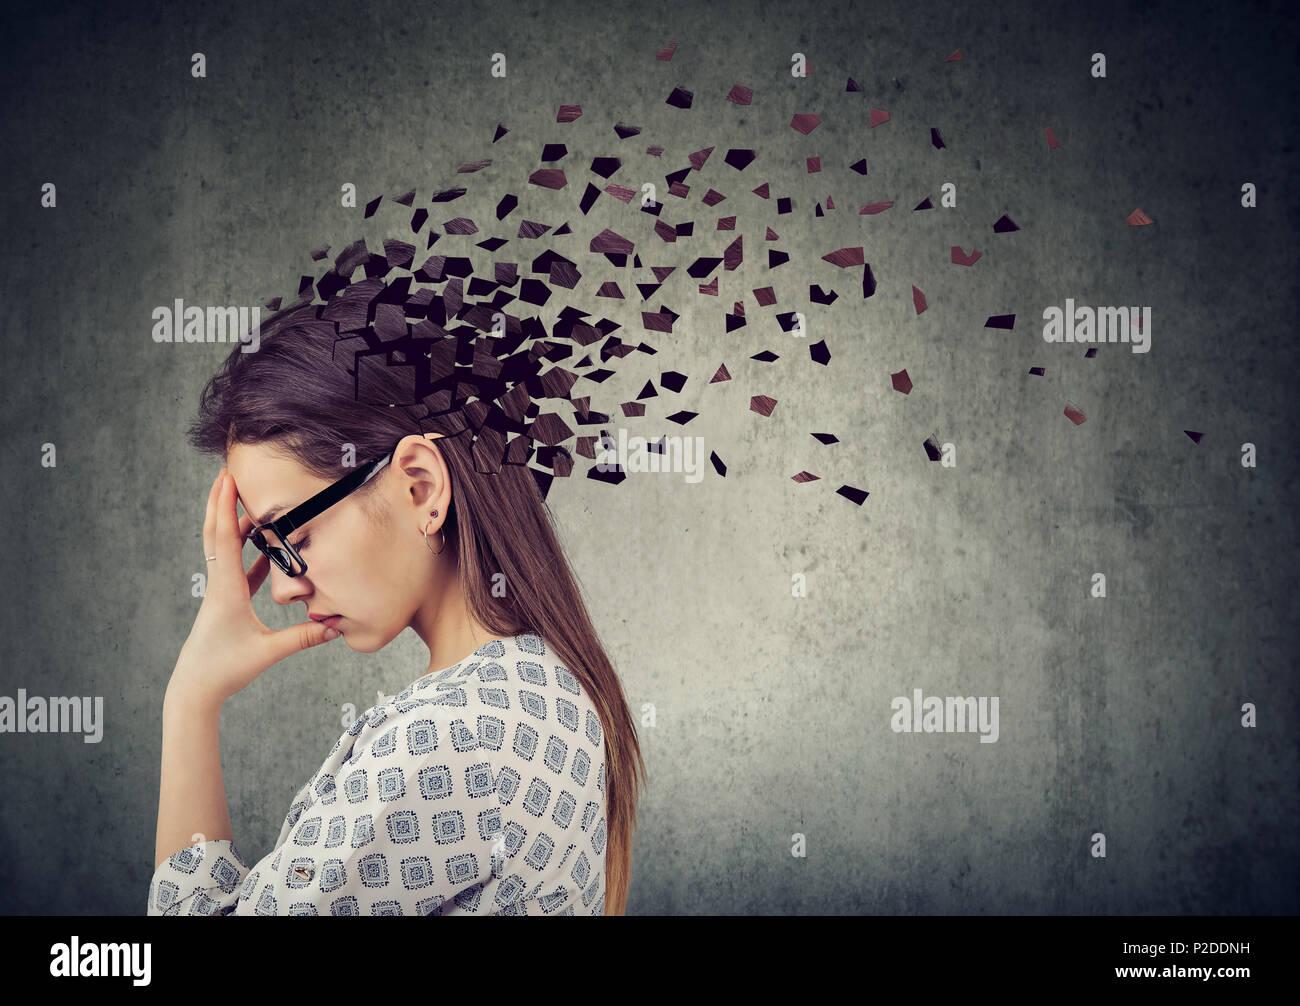 Gedächtnisverlust durch Demenz oder Hirnschäden. Junge Frau verlieren Teile der Kopf als Symbol der verringerten Verstand Funktion. Stockbild